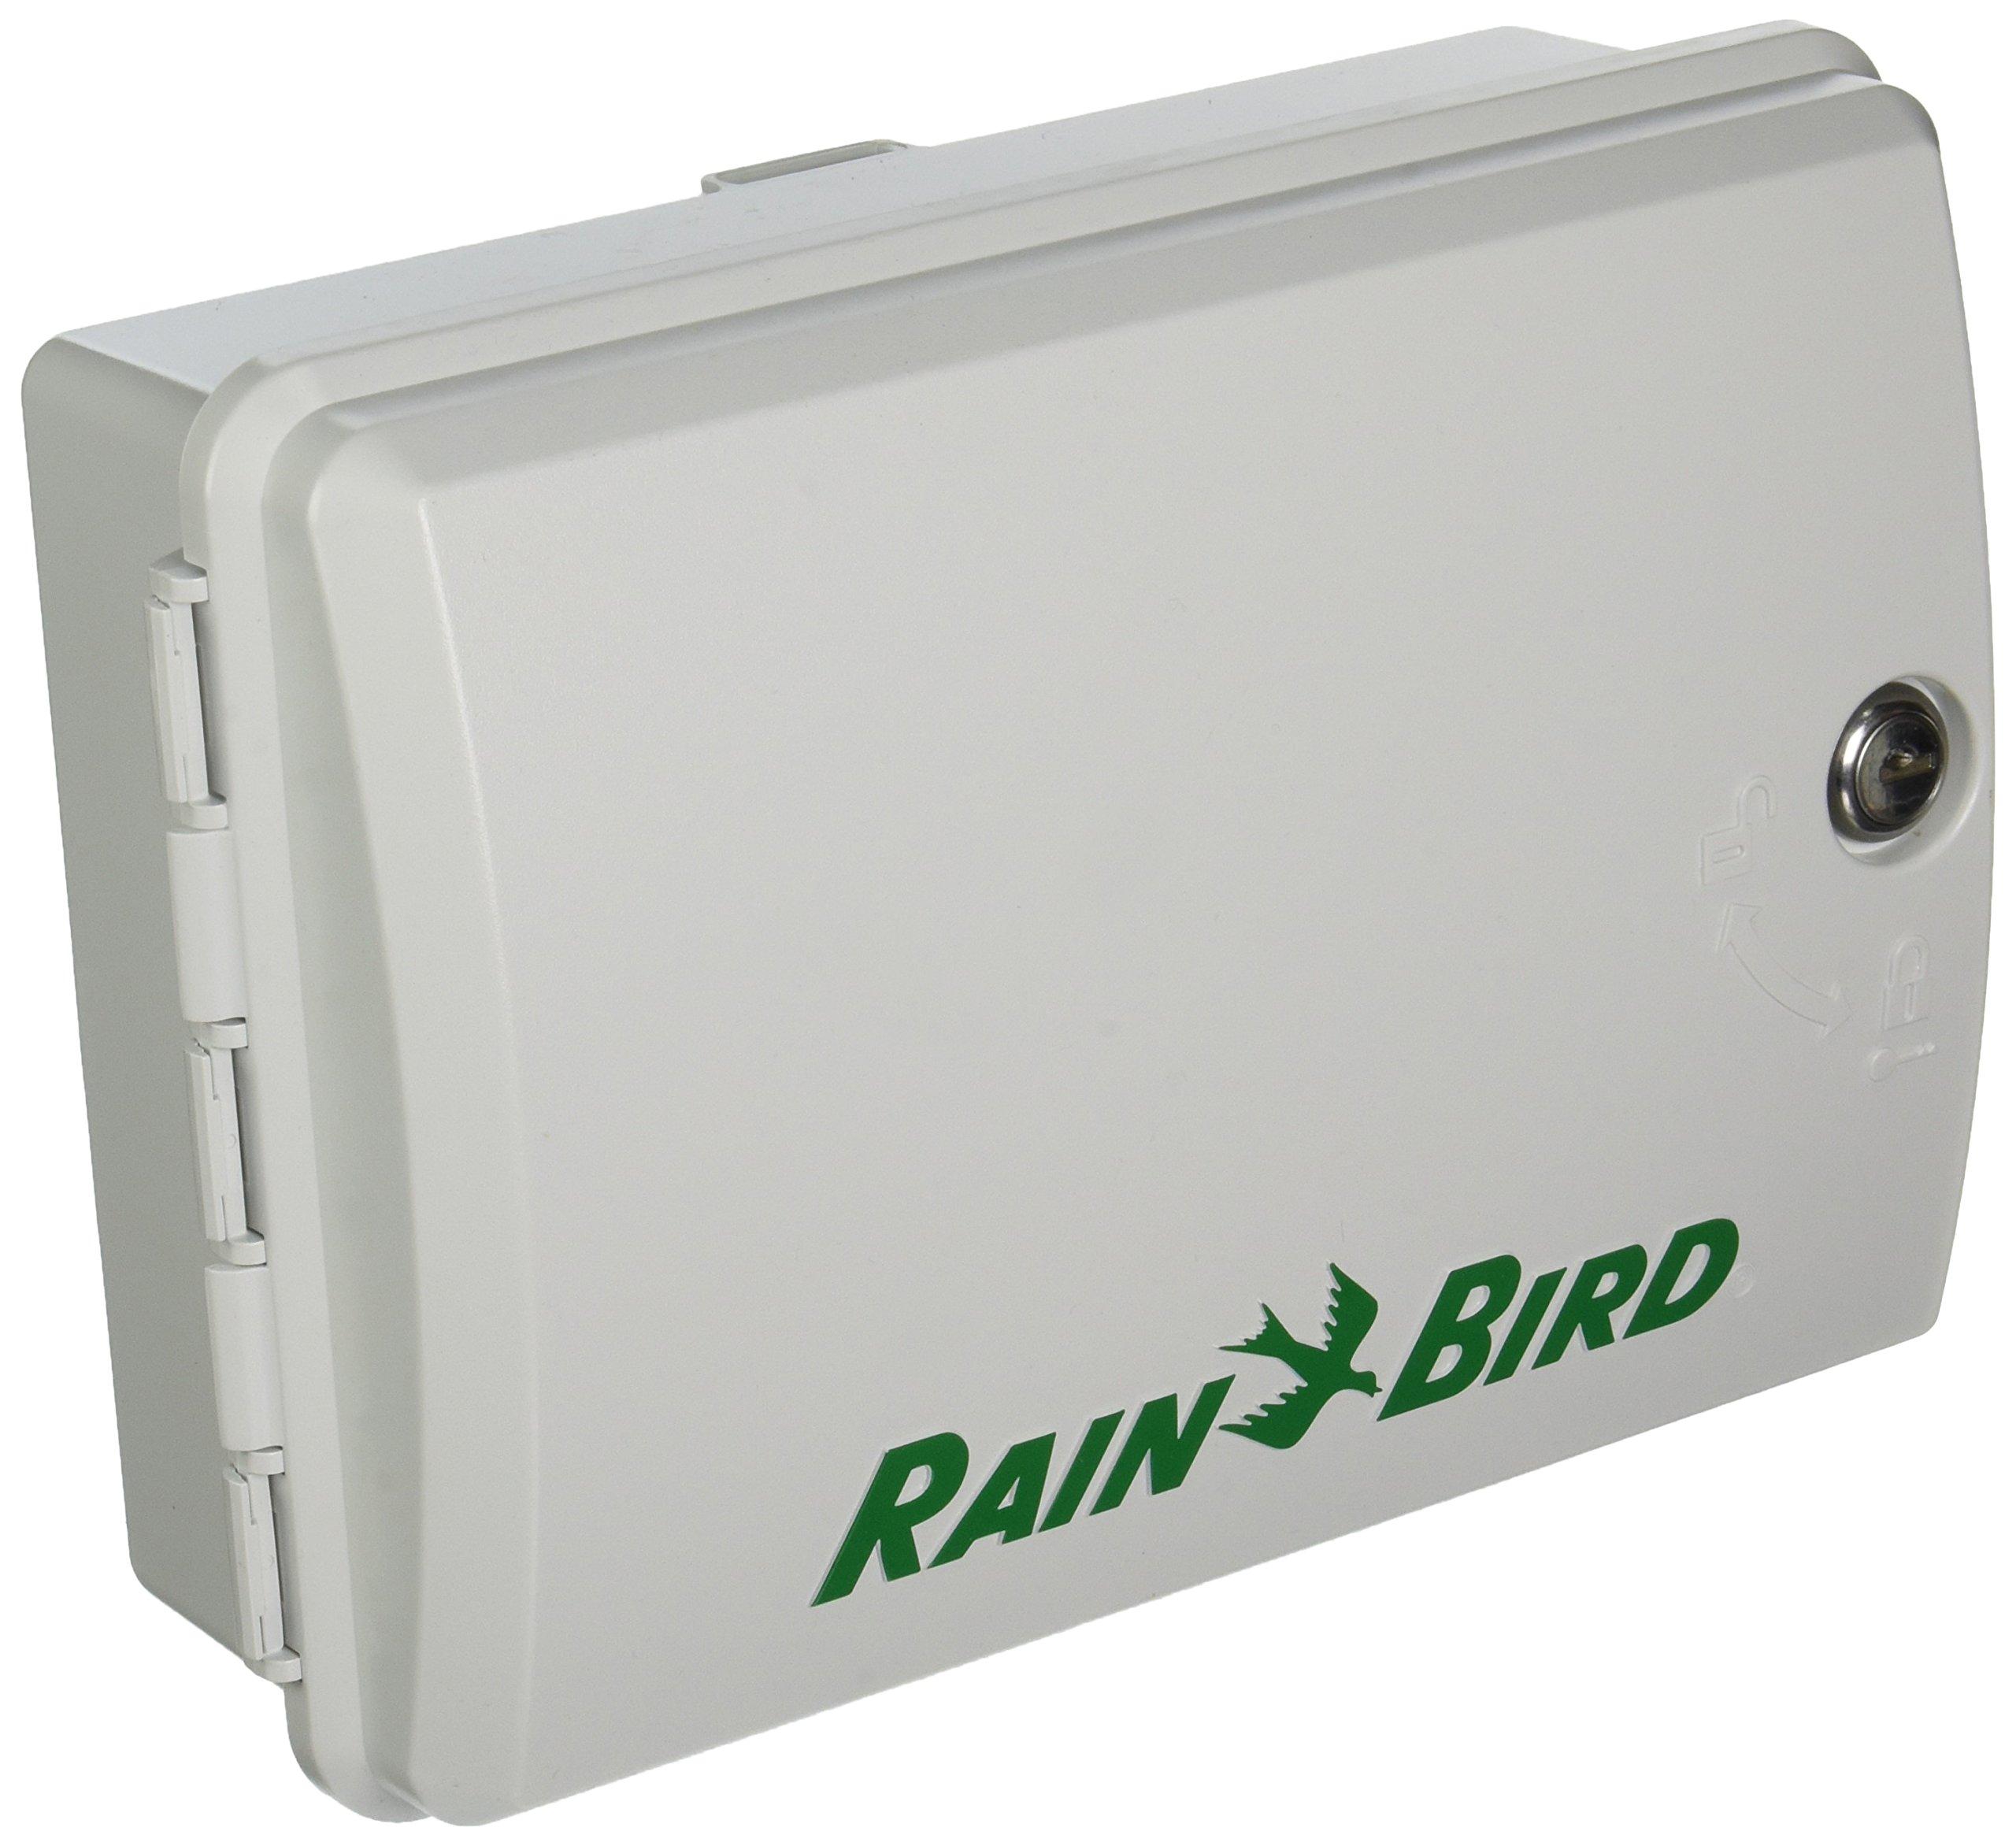 Rainbird ESP4ME 120V Modular Outdoor Controller by Rain Bird